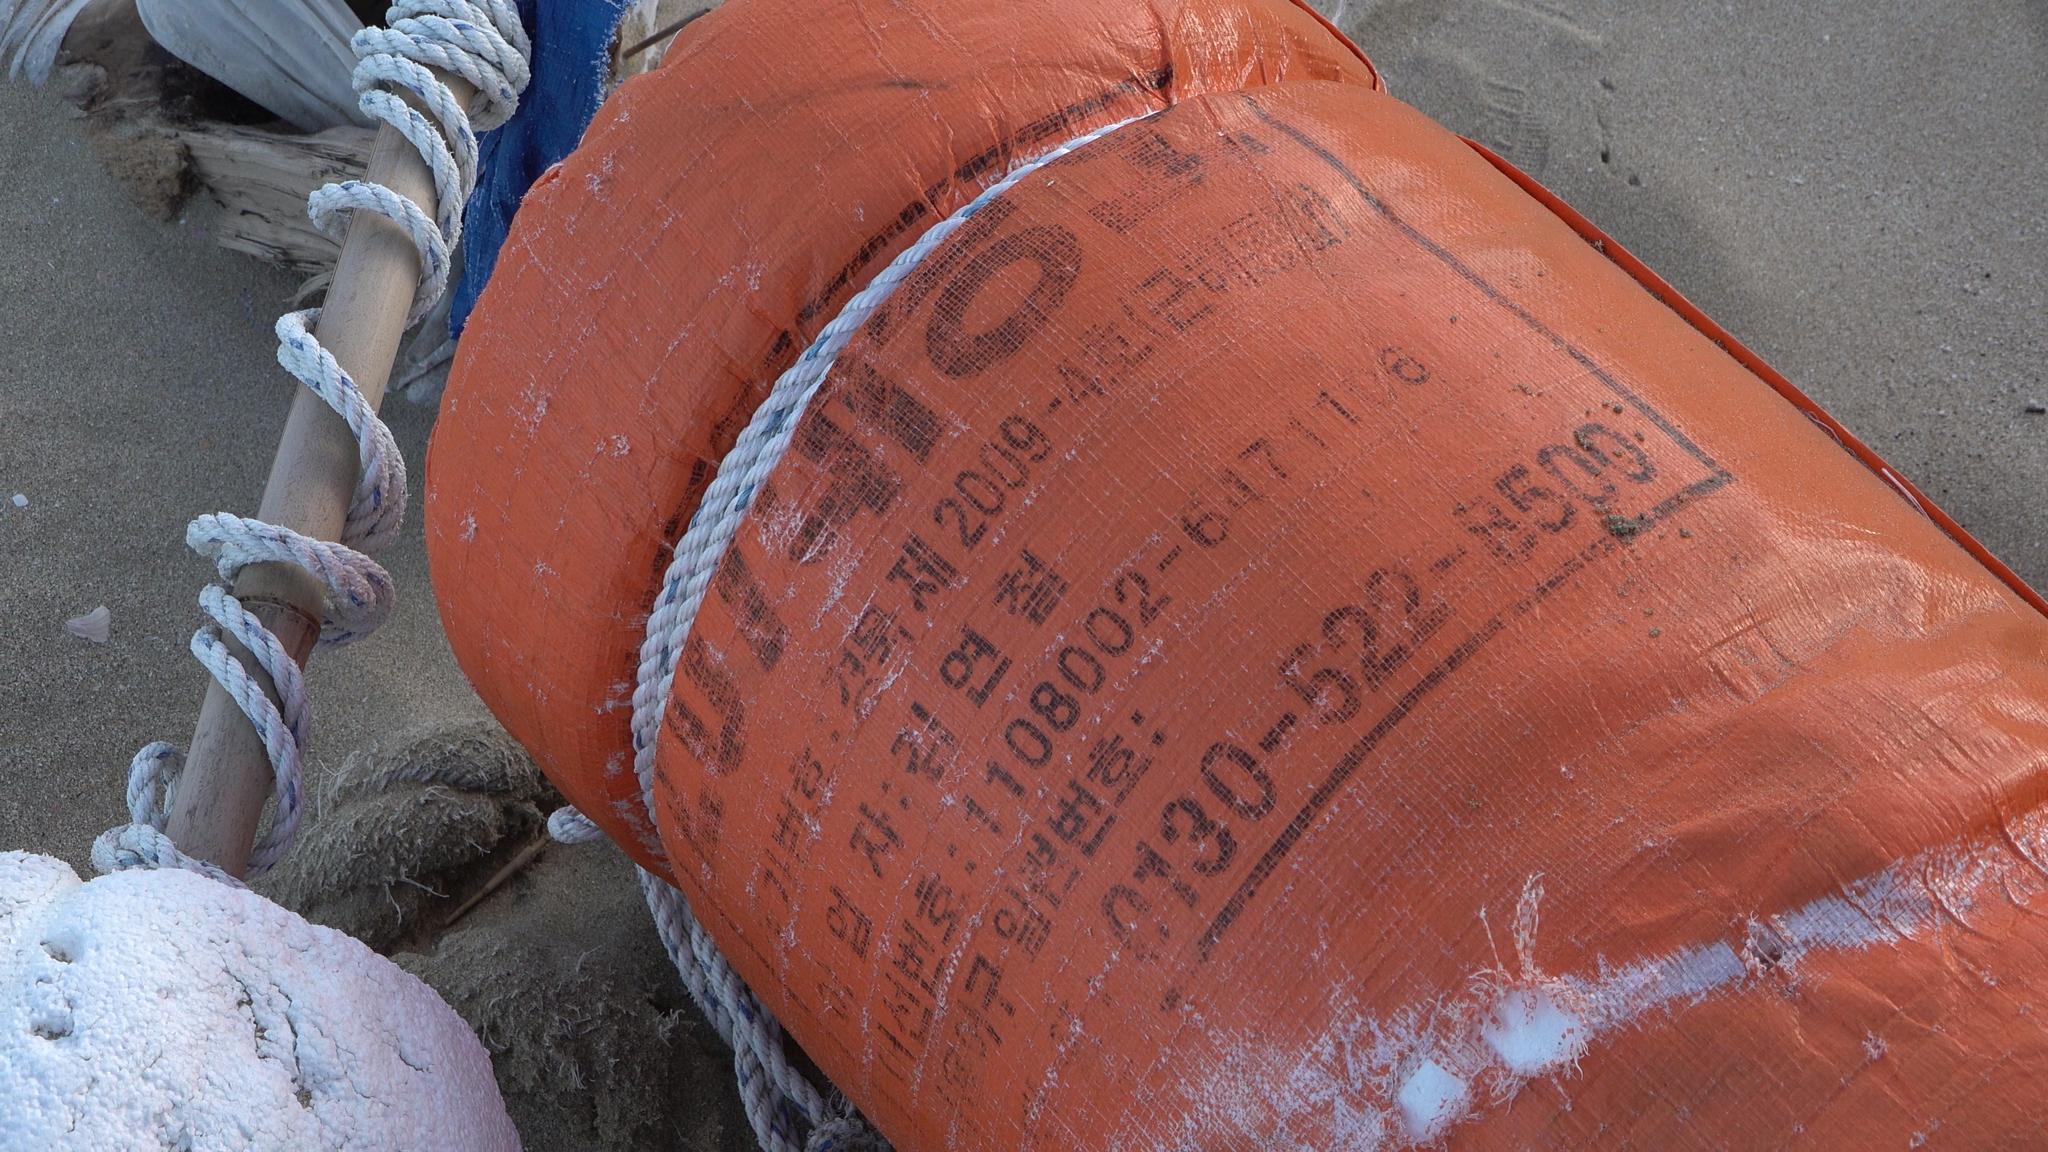 고추장통·농약통···일본 해안에 널브러진 한글 쓰레기들